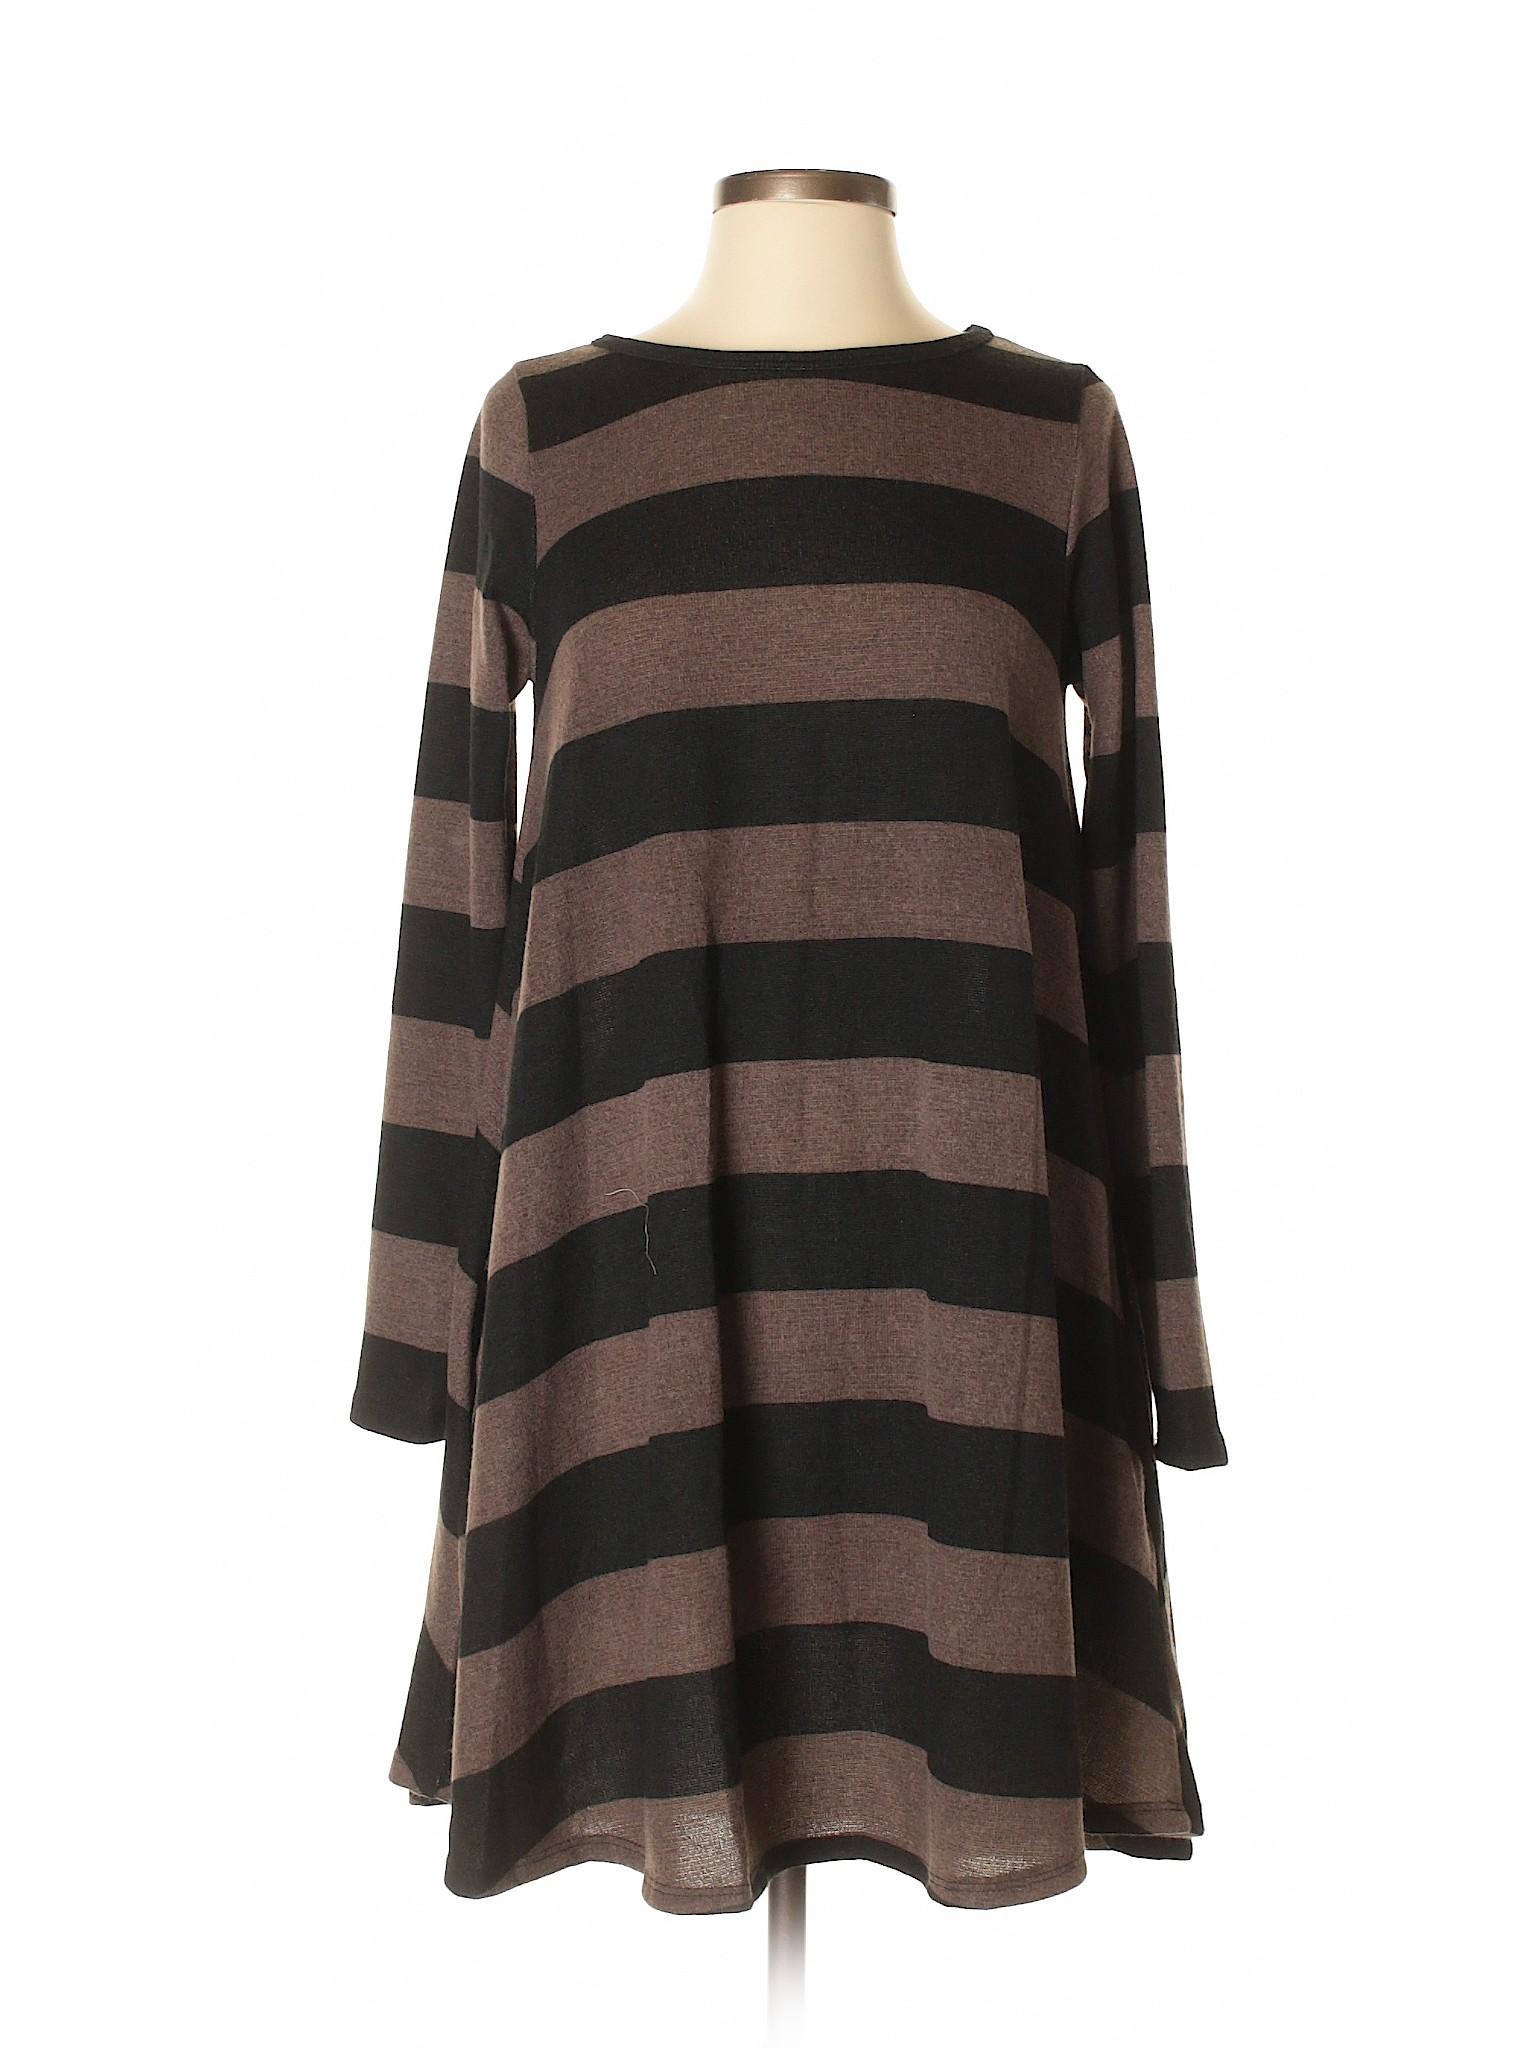 Selling Dress Bellamie Casual Selling Bellamie Bellamie Casual Selling Dress wCUw6OqnS